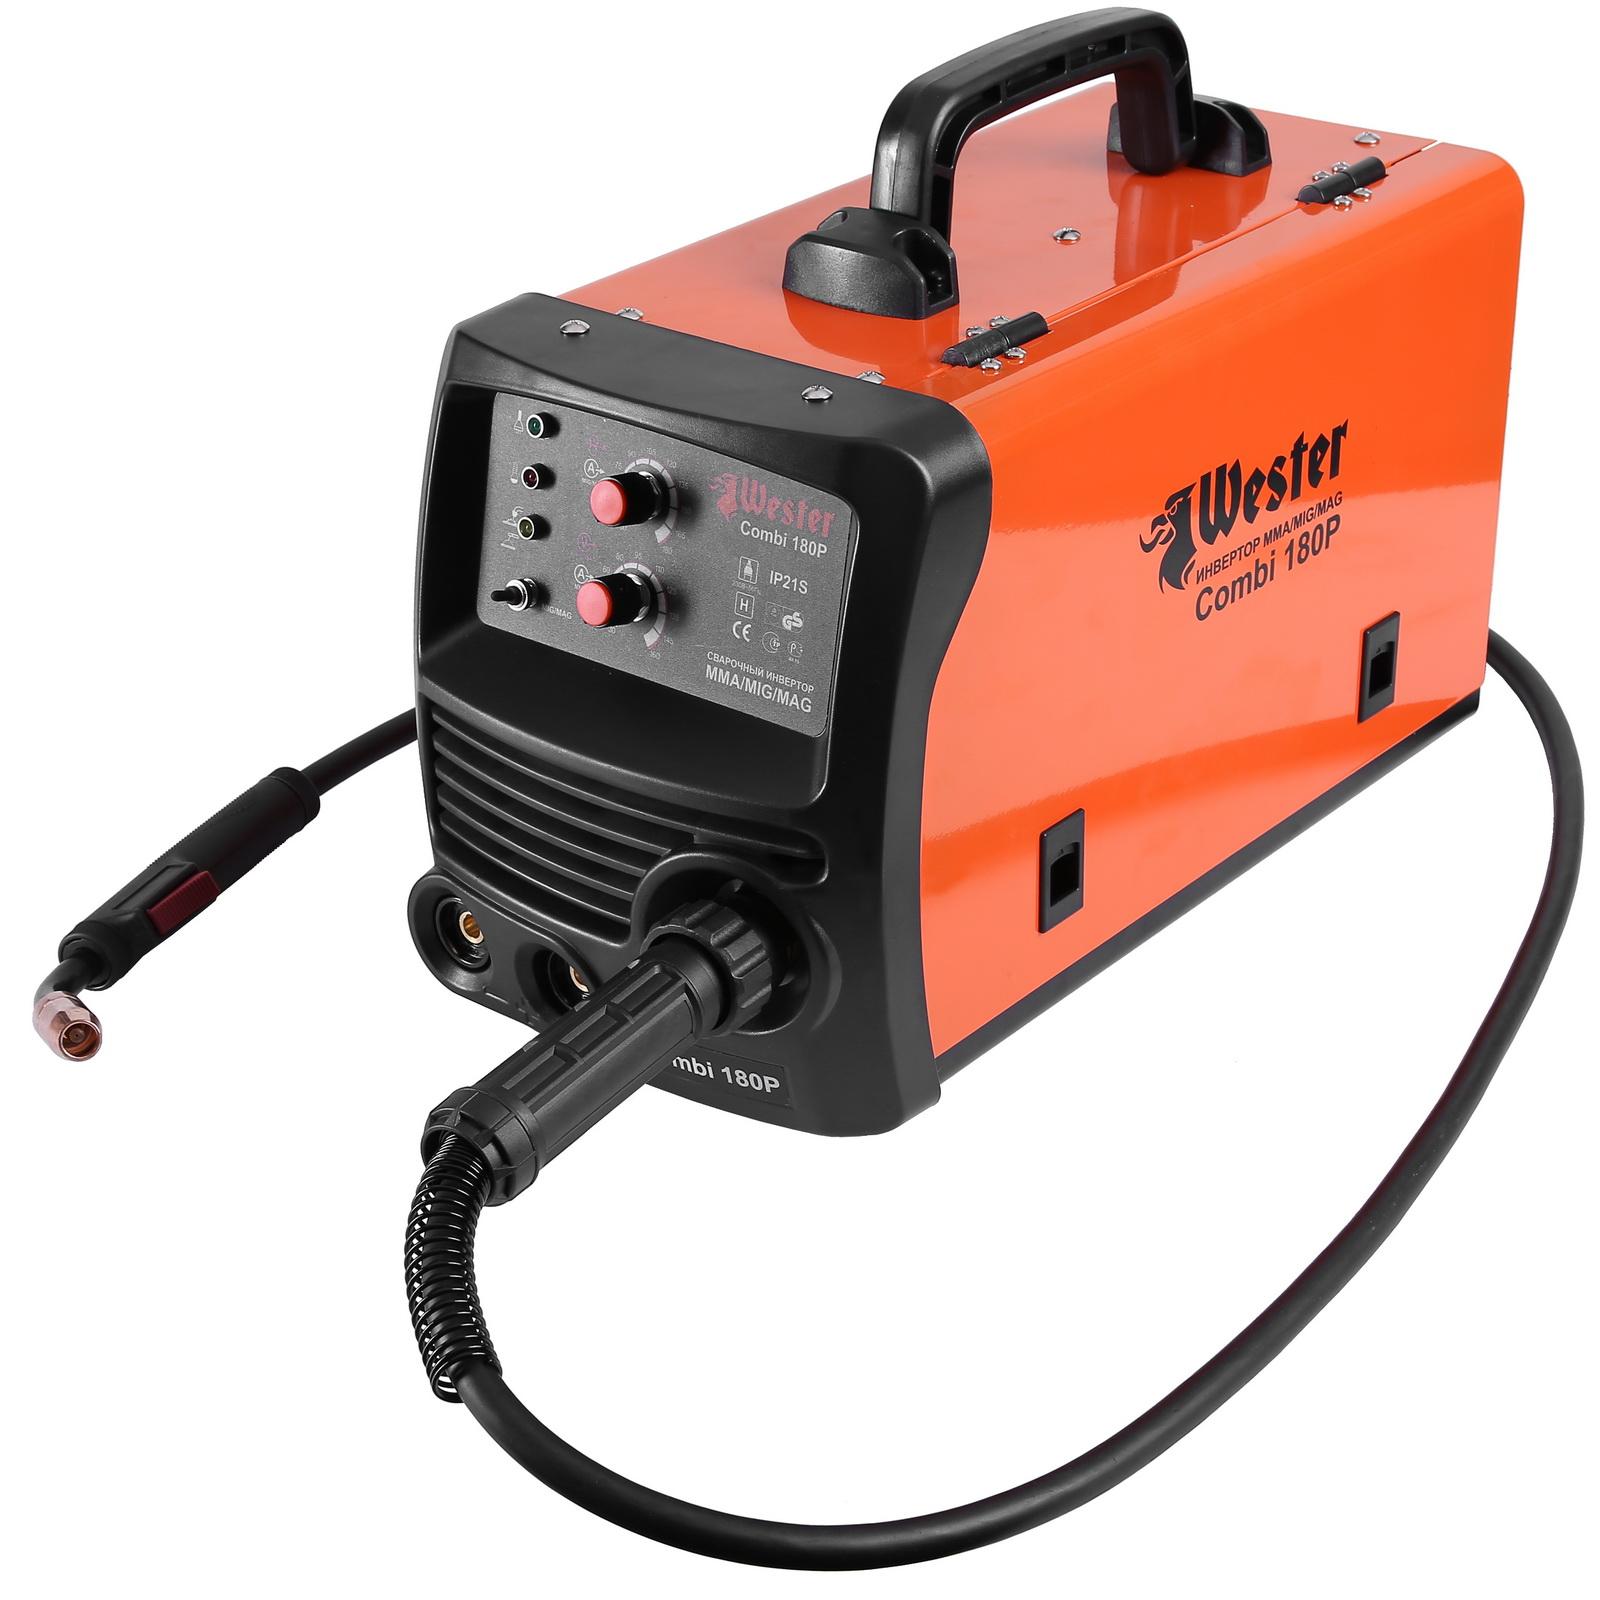 Сварочный инвертор WesterСварочное оборудование<br>Макс. сварочный ток: 180,<br>Мощность: 3400,<br>Мощность полная: 3400,<br>Напряжение: 220,<br>Мин. входное напряжение: 180,<br>Выходной ток: MMA 30-180 / MIG 30-160,<br>Напряжение холостого хода: 72,<br>Потребляемый ток: 28,<br>Мин. диаметр электрода: 1.6,<br>Макс. диаметр электрода: 4,<br>Мин. диаметр проволоки: 0.6,<br>Макс. диаметр проволоки: 1.2,<br>Тип сварочного аппарата: инверторный,<br>Тип сварки: полуавт./дуговая (MIG/MAG/MMA),<br>Инверторная технология: есть,<br>Поставляется в: коробке,<br>Вес нетто: 16.3,<br>Страна происхождения: КНР,<br>Гарантия на модель: 36<br>